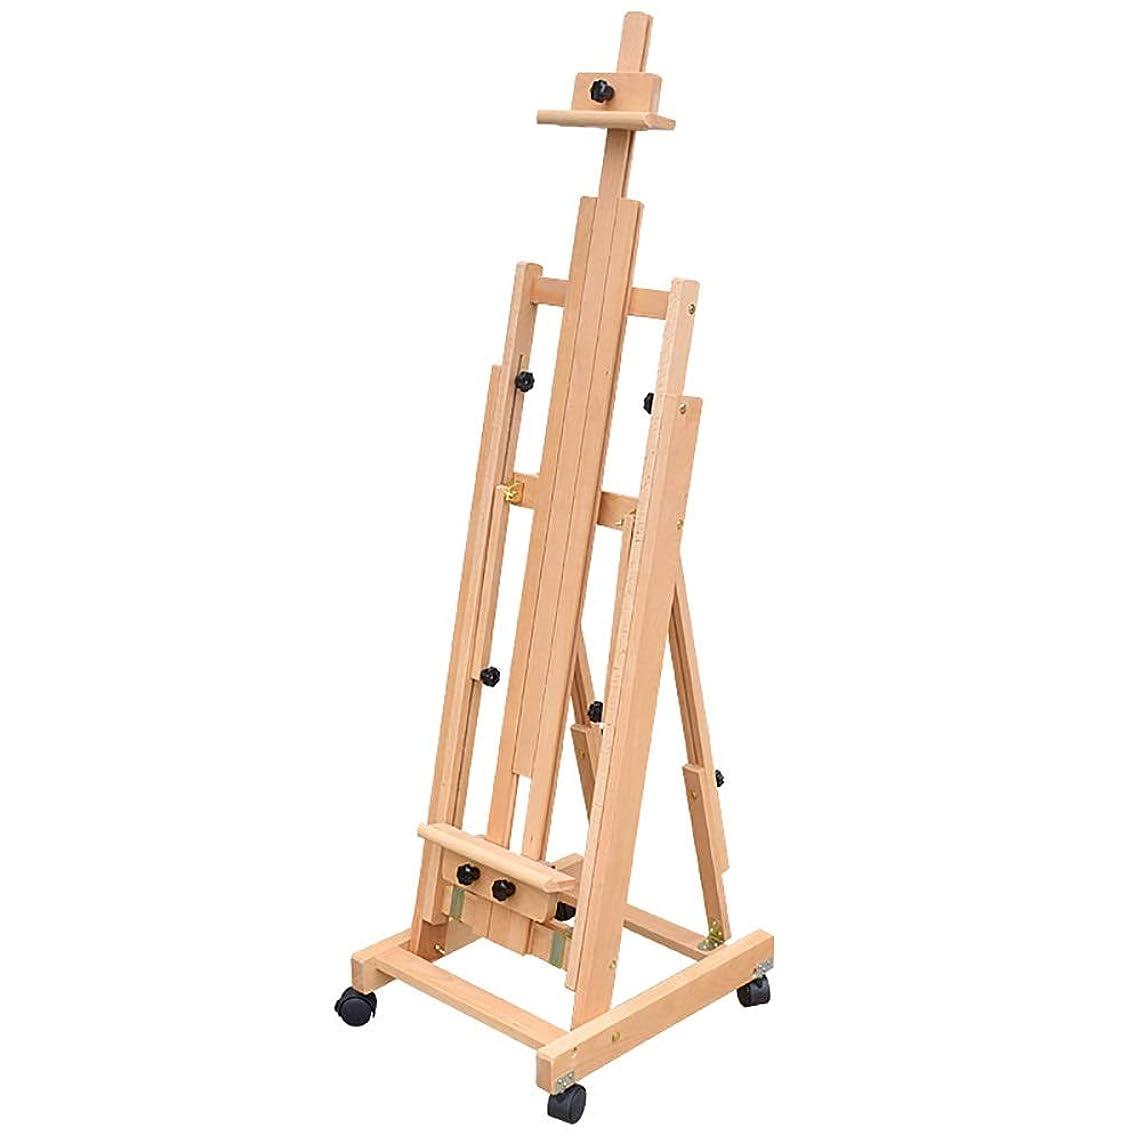 忘れっぽいぼろ依存イーゼル 木製イーゼルスタンド、高さ調節可能なデラックスプロフェッショナル絵画スタンド、展覧会ディスプレイ汎用性スタジオイーゼル